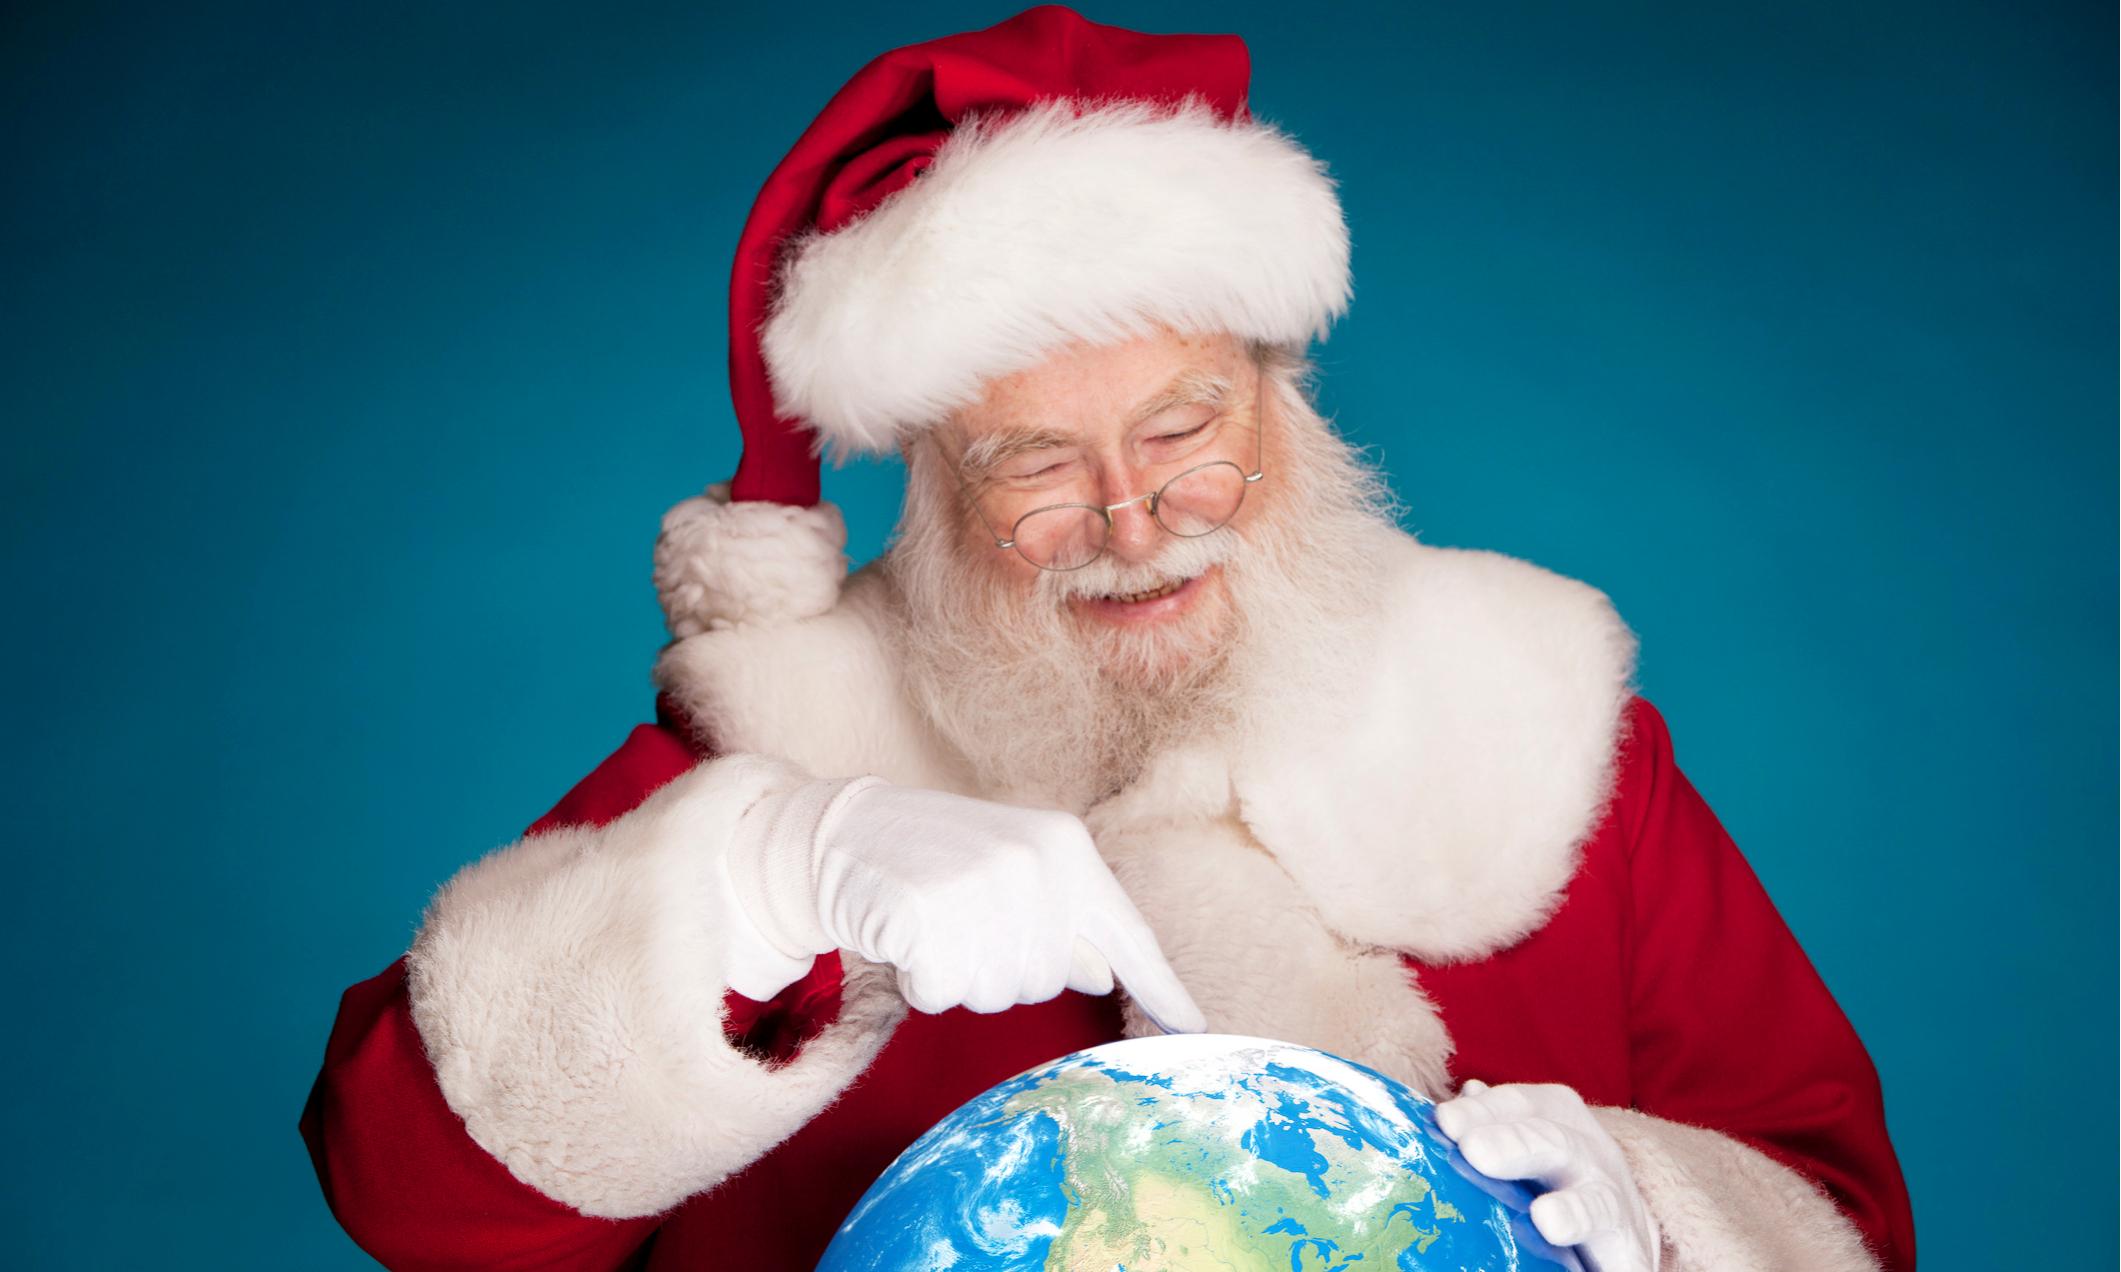 картинки деда мороза на северном полюсе